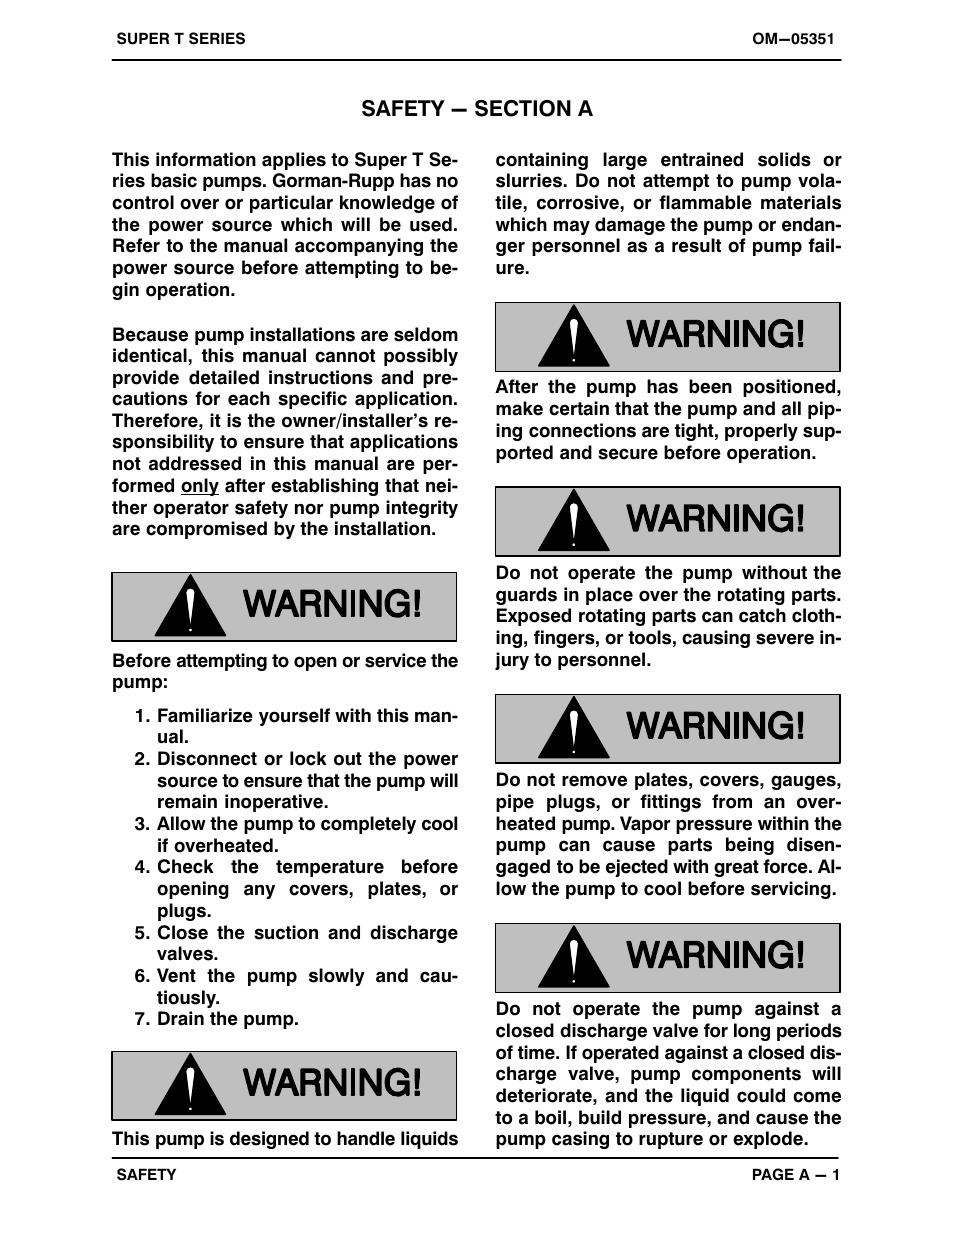 safety section a gorman rupp pumps t6a71s b f fm user manual rh manualsdir com Gorman-Rupp Manual GHS Series Gorman-Rupp T- Series Installation